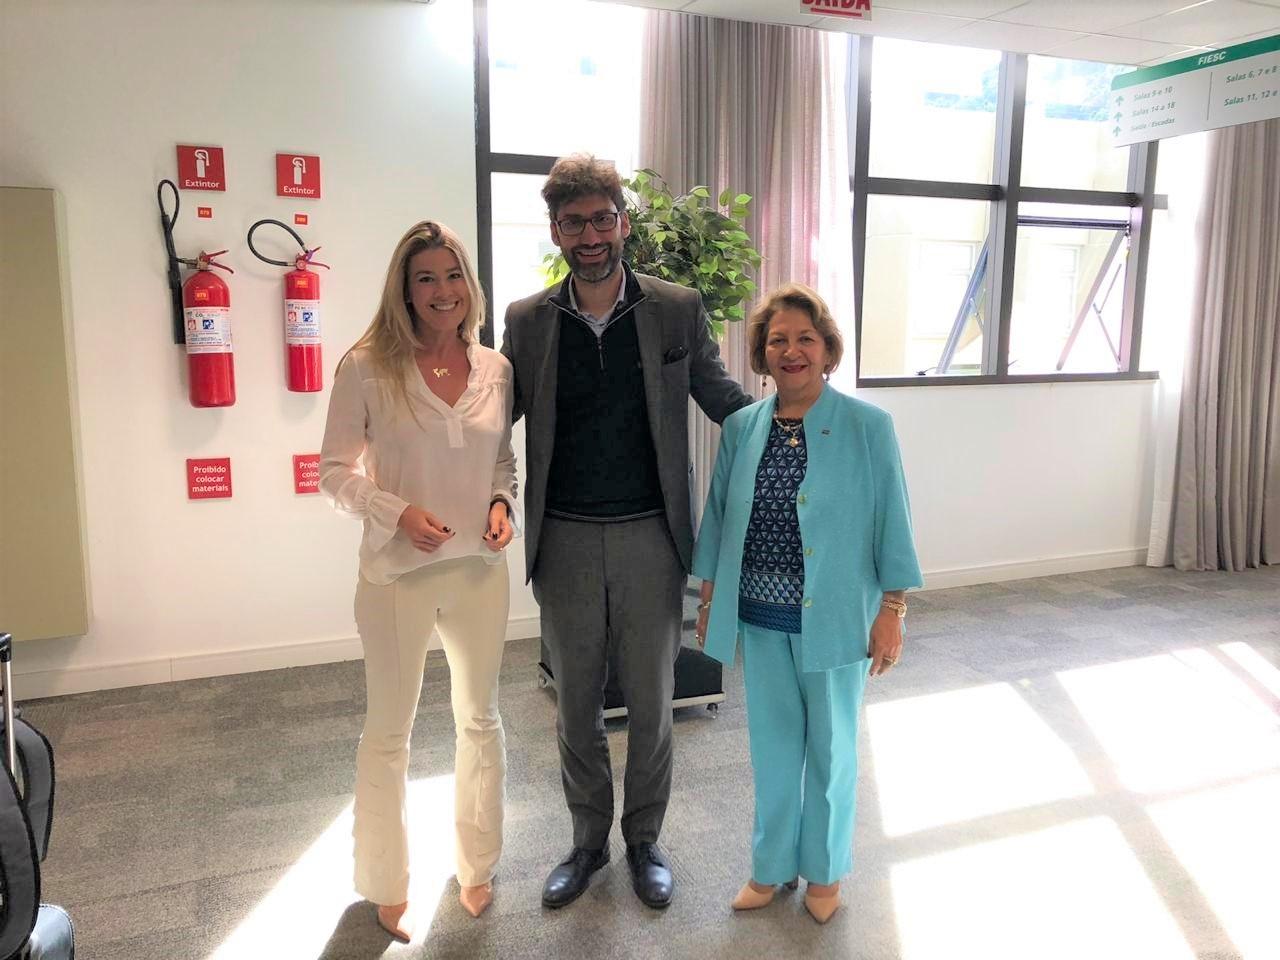 Sheine L. Braga, Fabrizio Panzini e Maria Teresa Bustamante